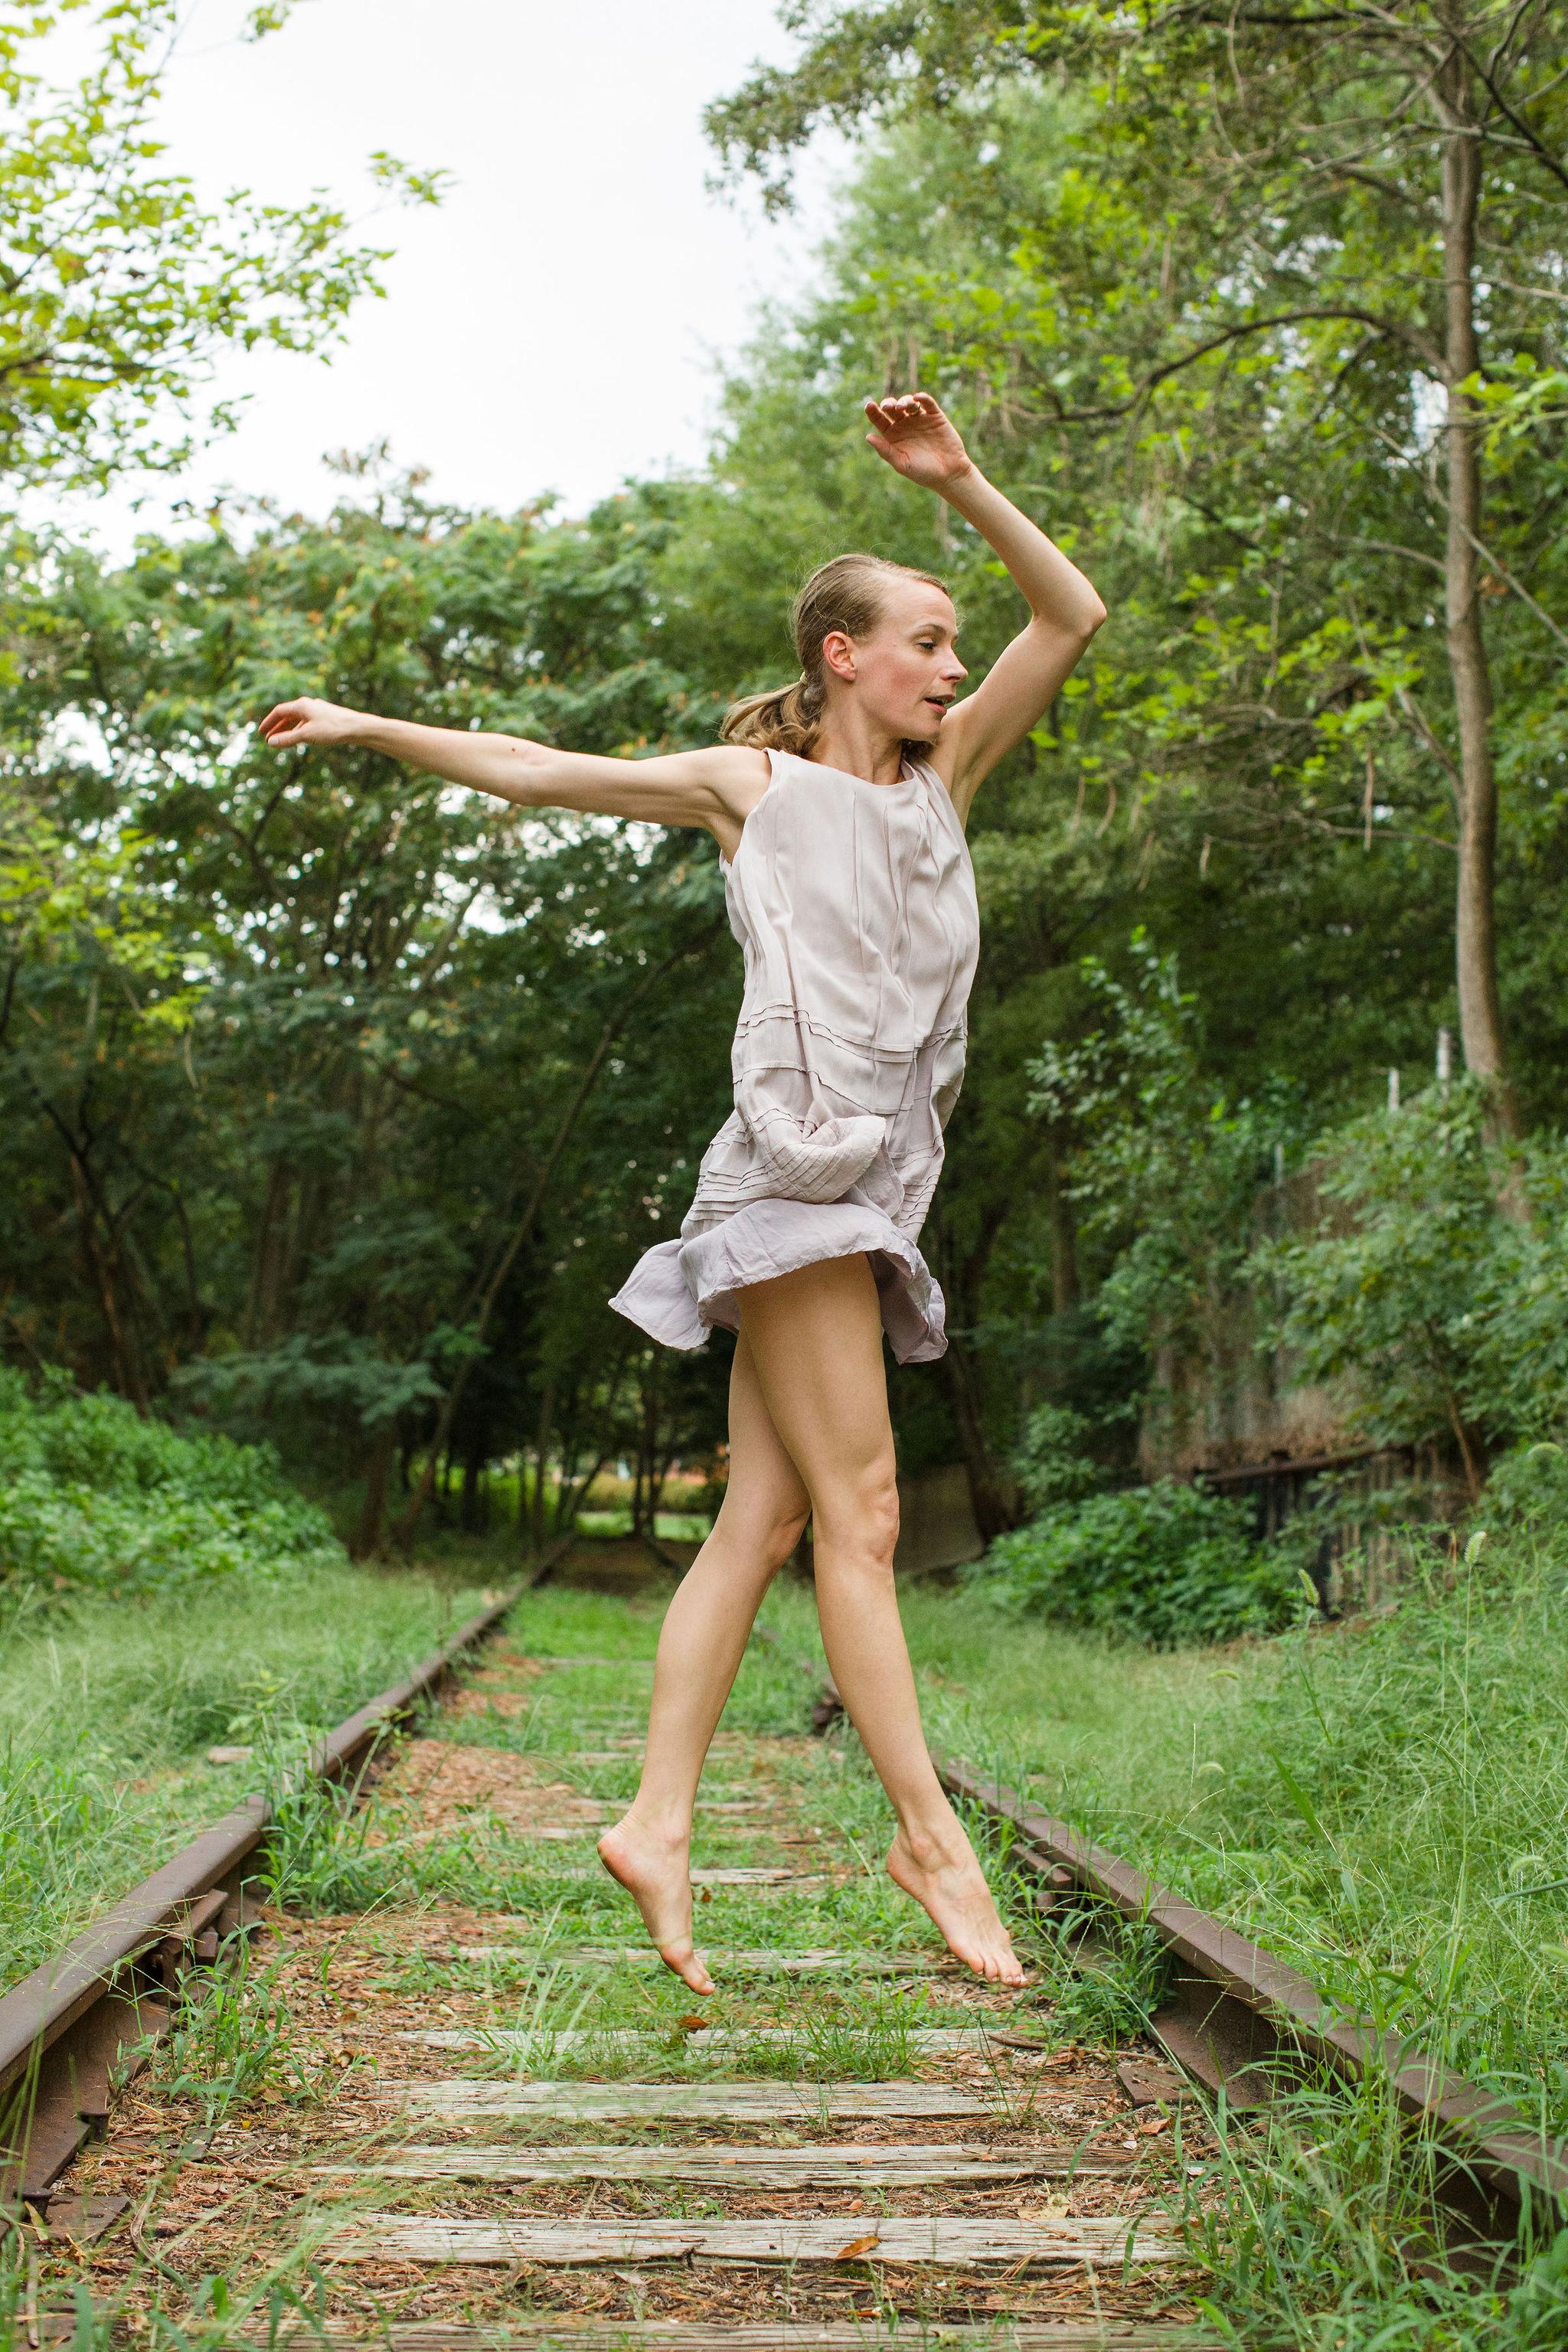 2019_08_22_kristin_railroad_durham_dances_SD1_2286.jpg